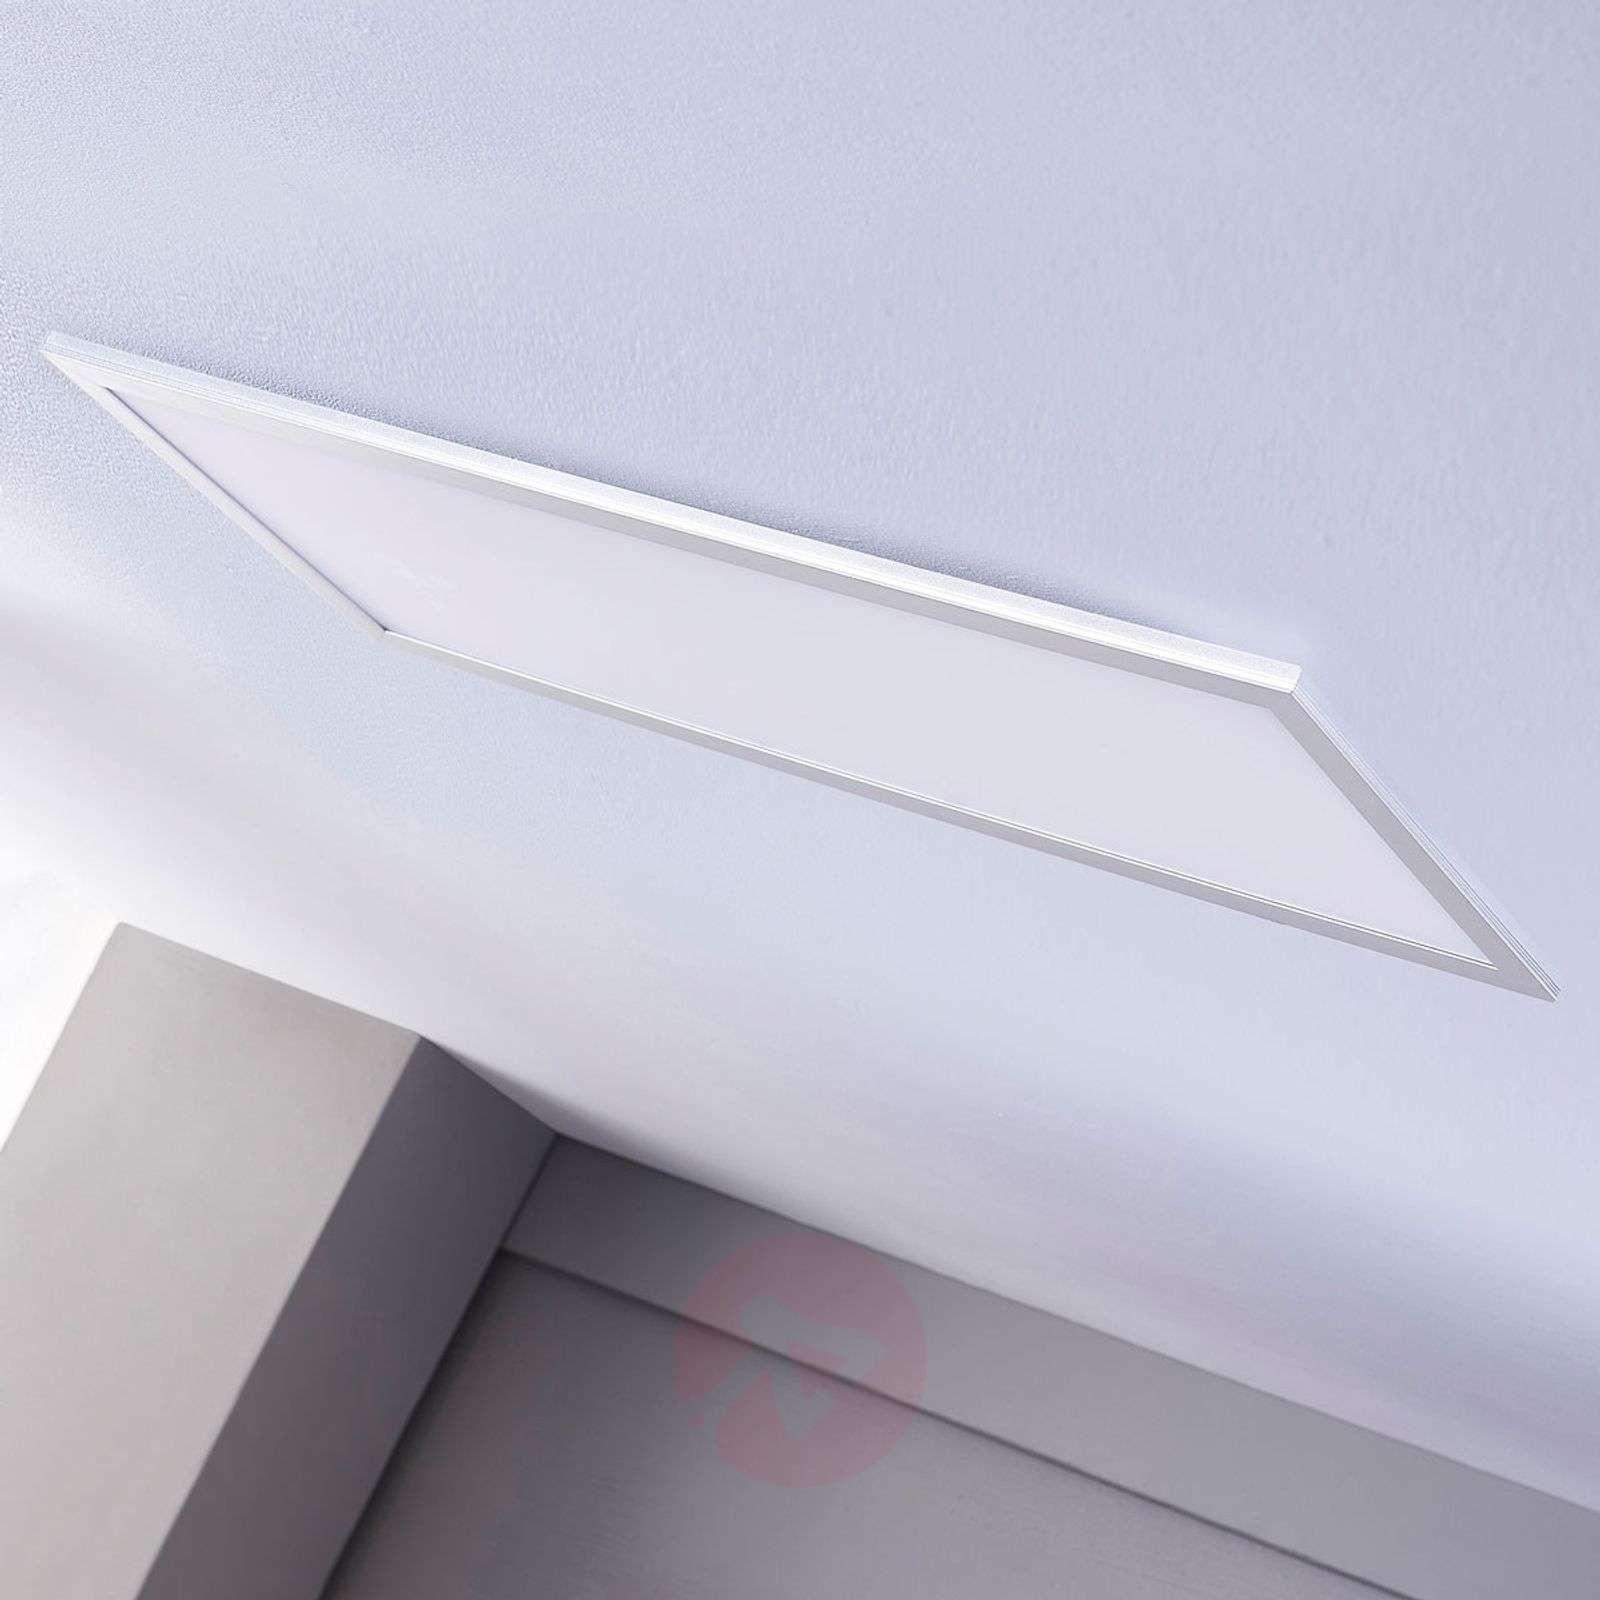 Himmennettävä LED-paneeli Liv kaukosäätimellä-9956008-01